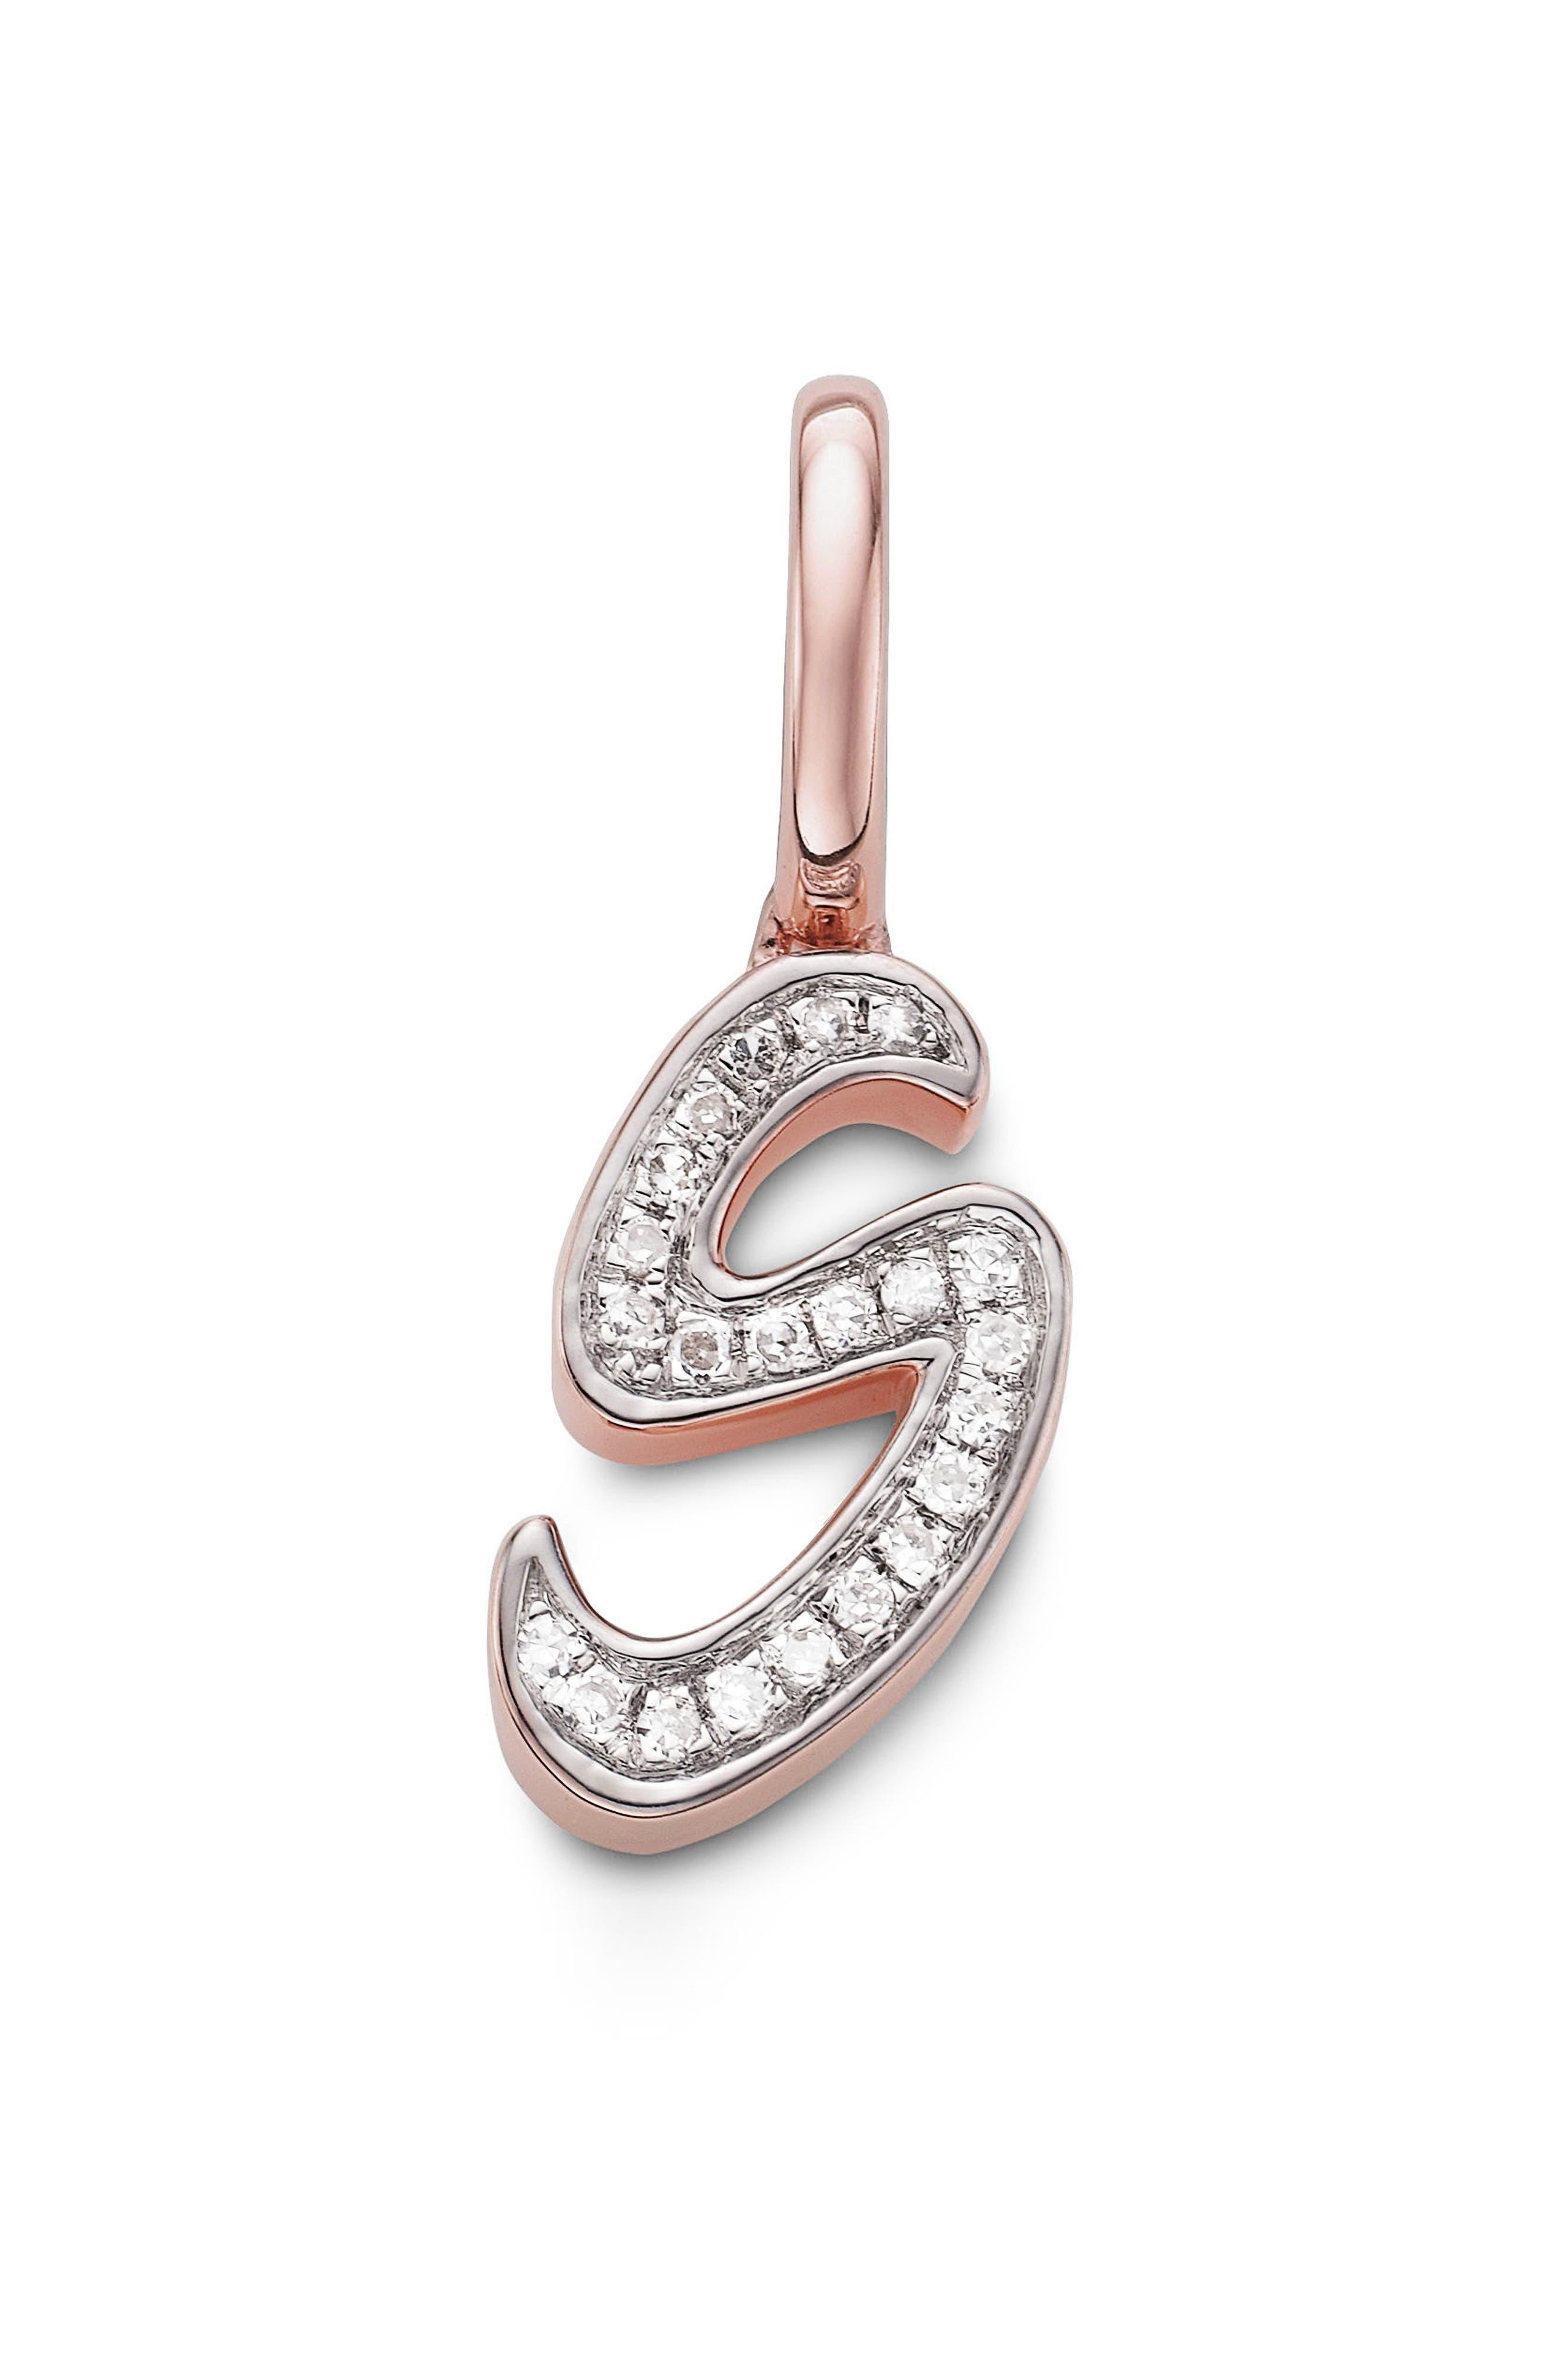 Diamond Initial Pendant,                             Main thumbnail 1, color,                             Rose Gold/ Diamond- S